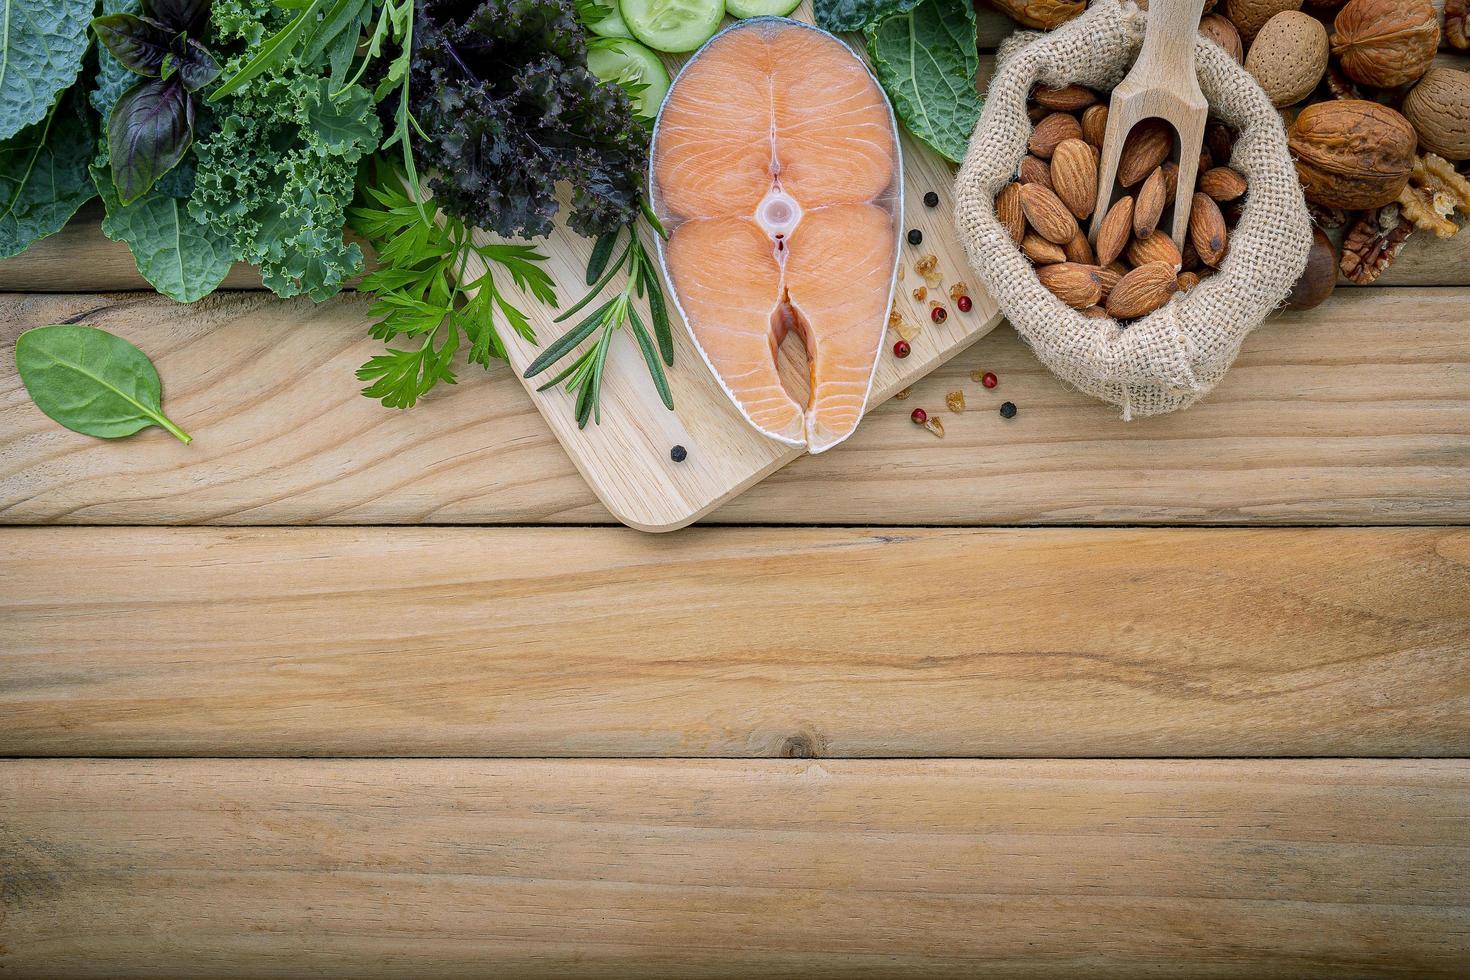 salmão e outros ingredientes na madeira foto